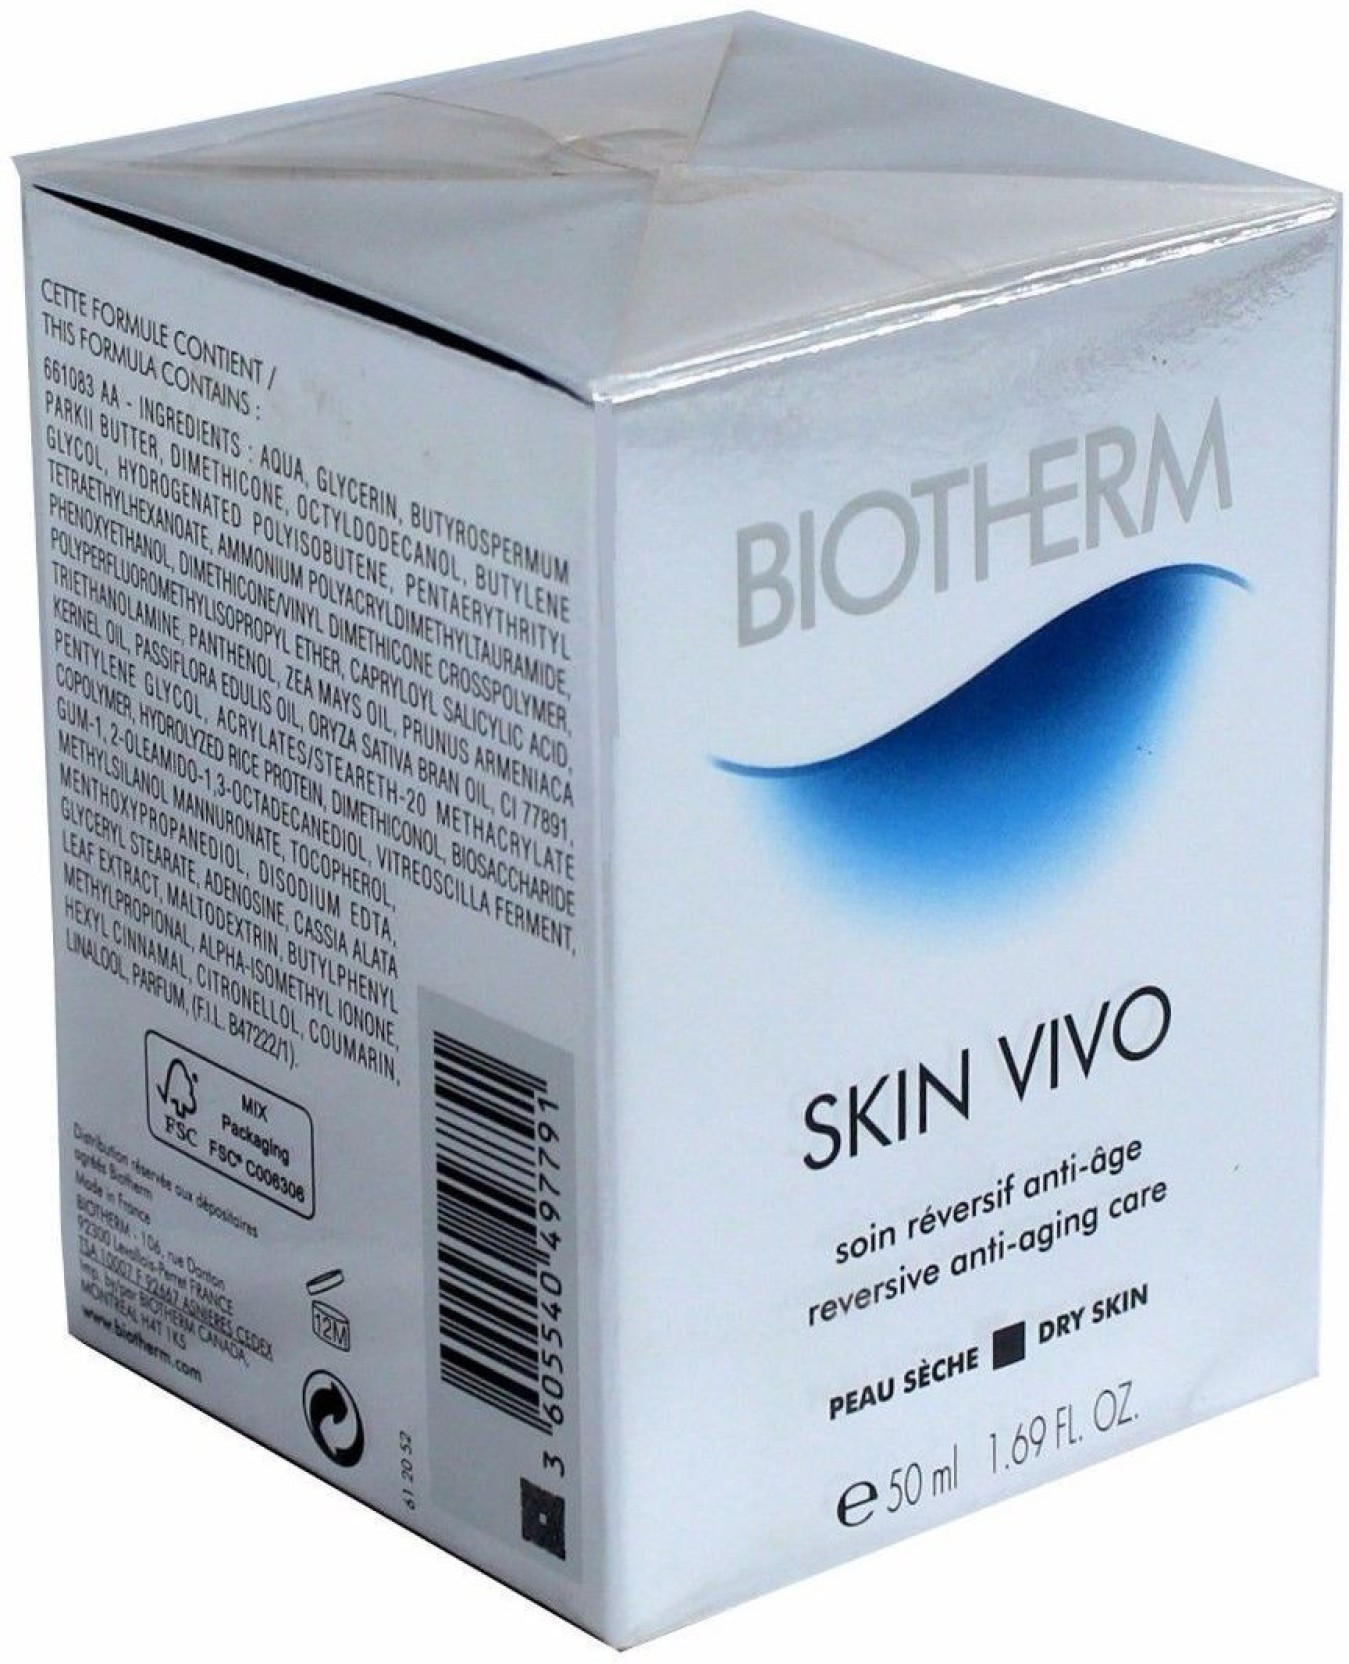 Biotherm Skin Vivo Reversive anti-aging Care for Dry Skin: Buy